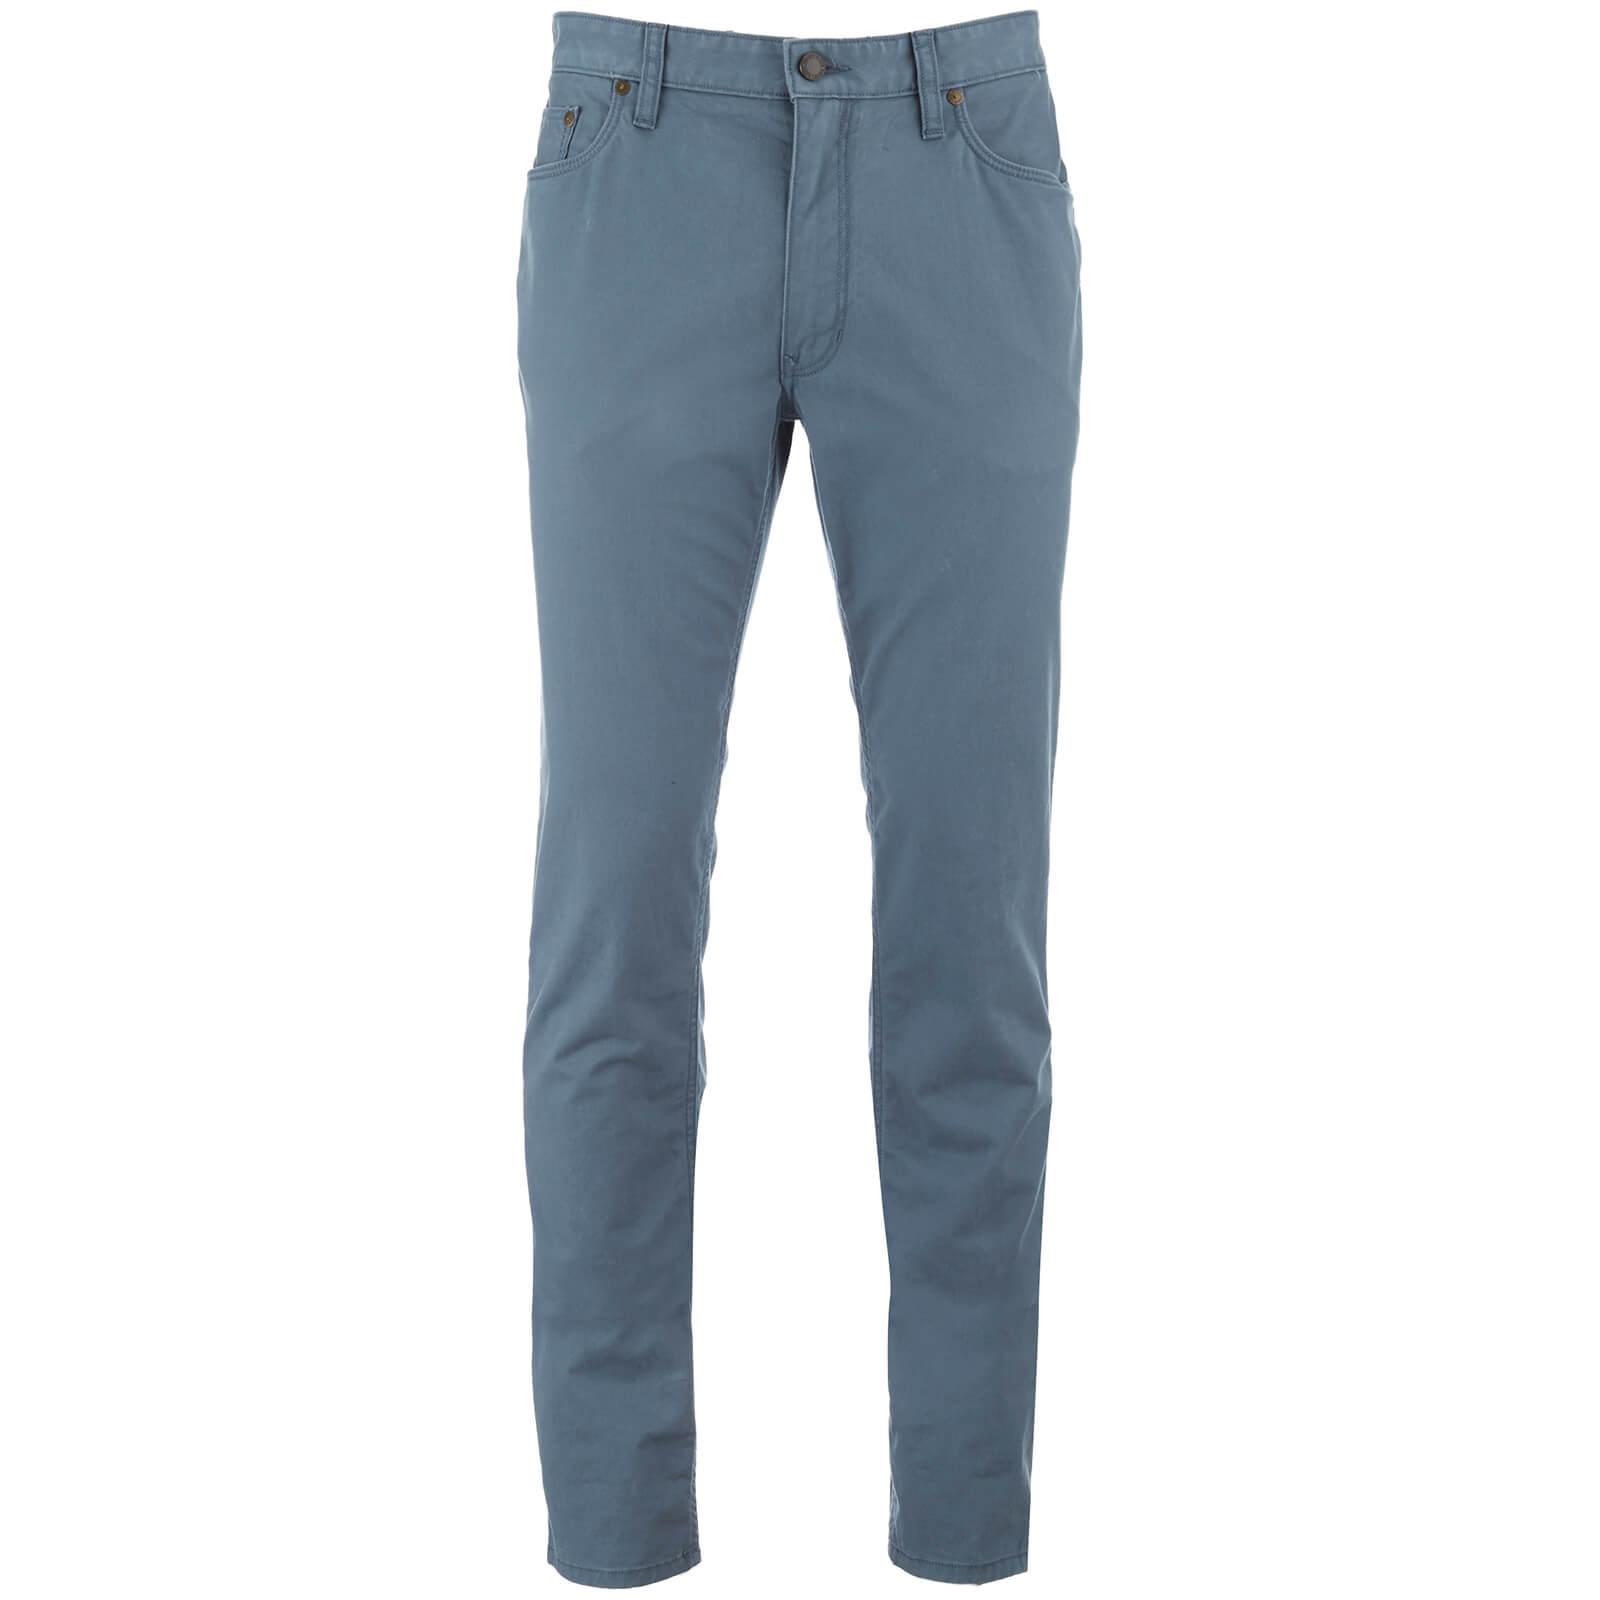 36f8768b74c2 Polo Ralph Lauren Men s Sullivan Slim Fit Long Jeans - Blueberry ...